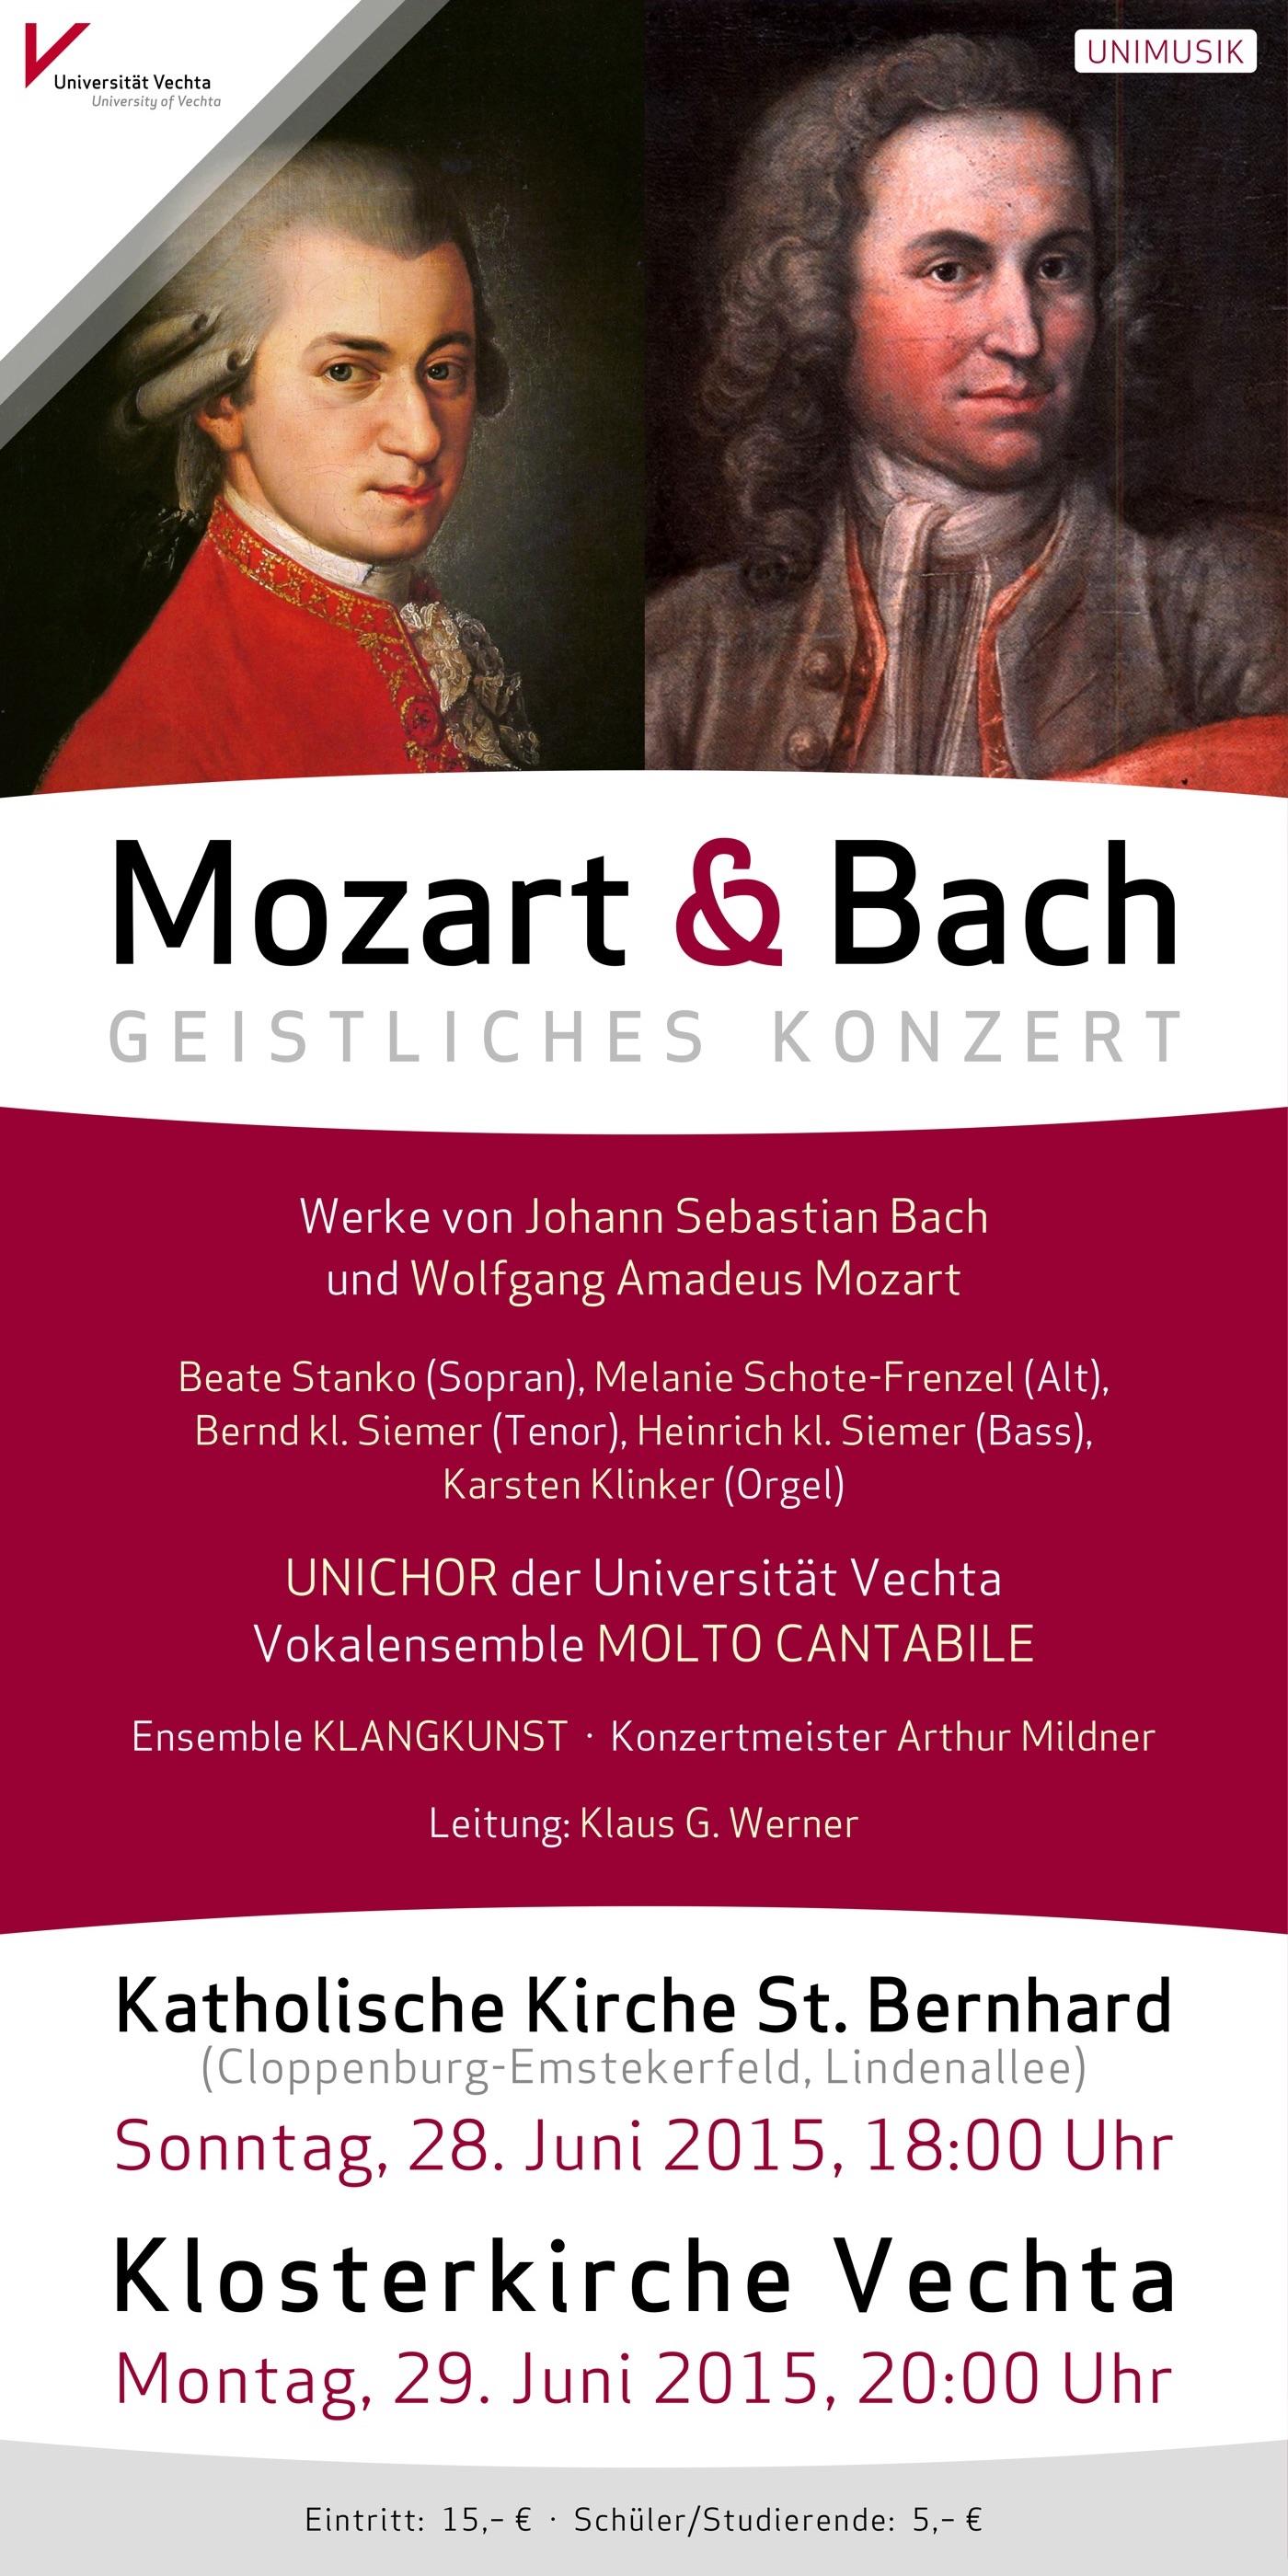 Mozart und Bach · UNIMUSIK